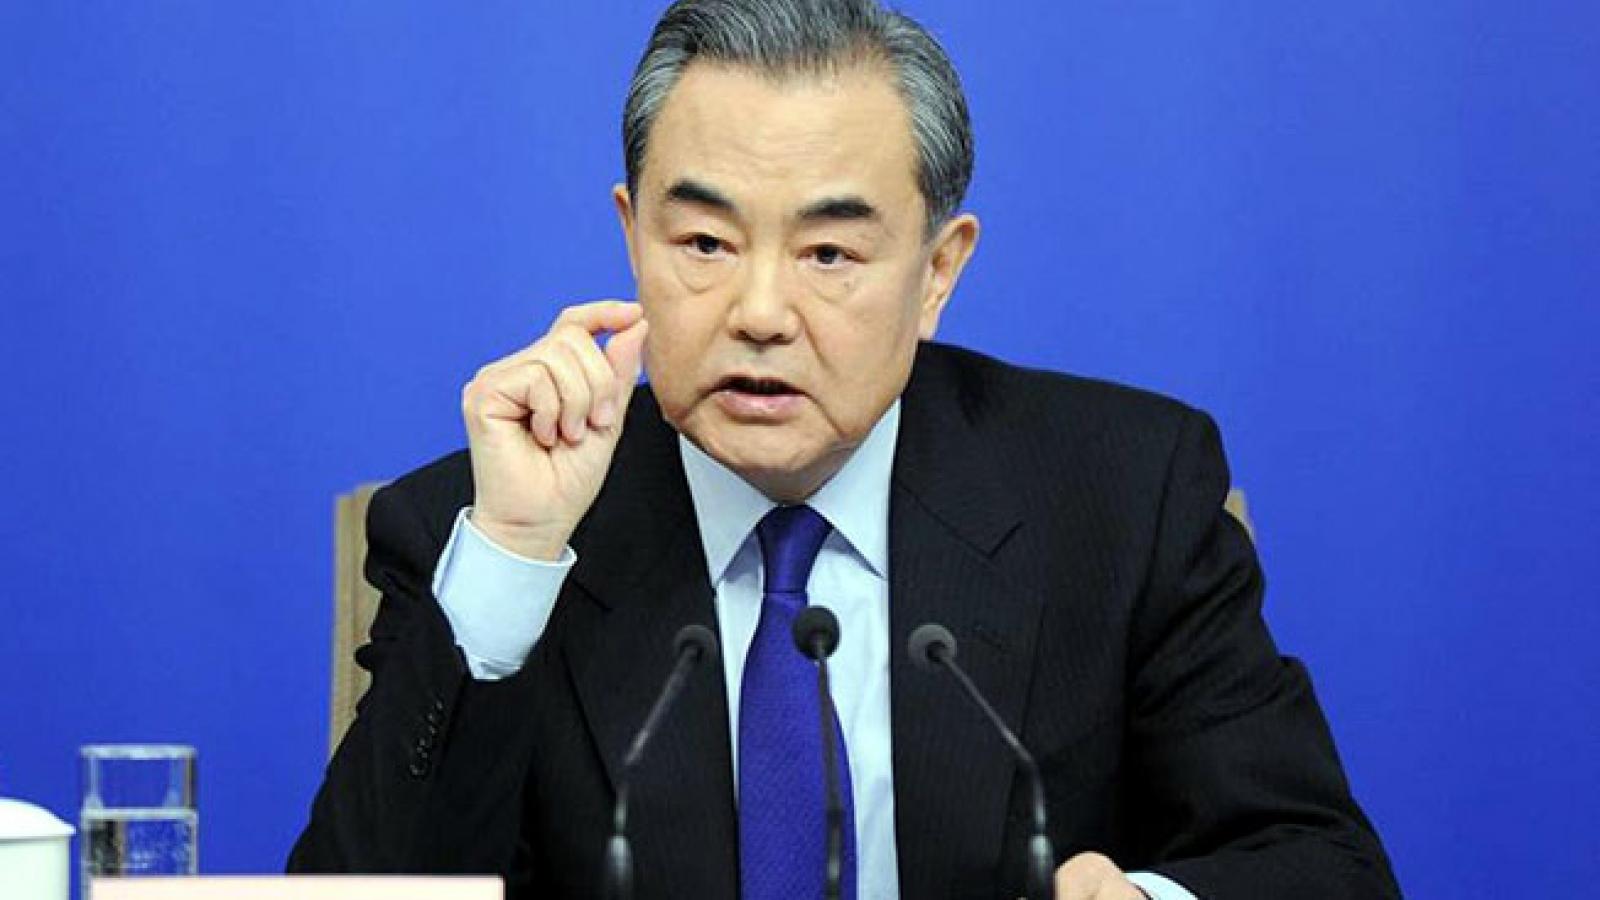 Ngoại trưởng Trung Quốc nhiều khả năng sẽ thăm Nhật Bản và Hàn Quốc